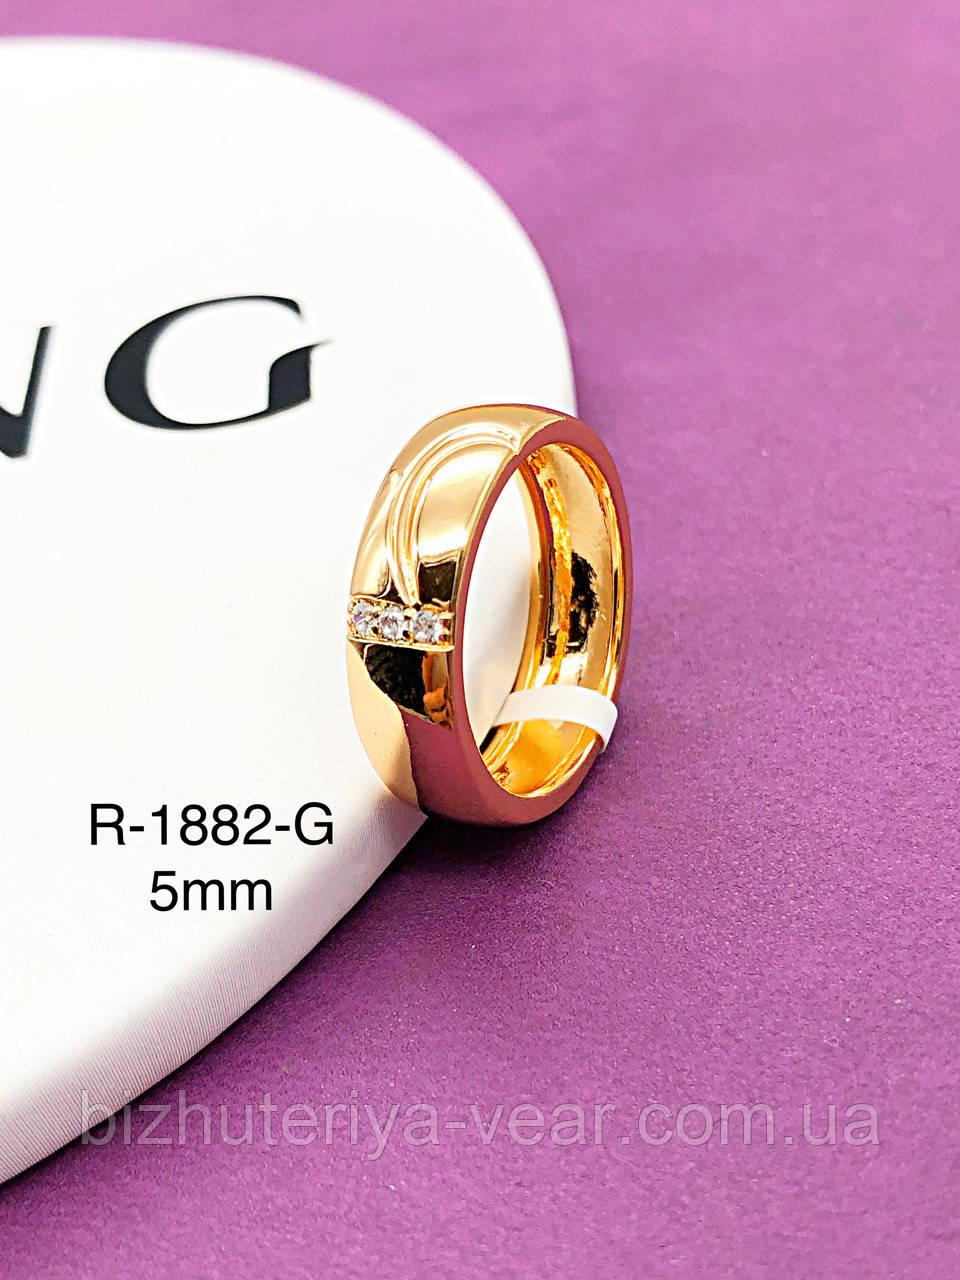 Кольцо R-1882(7,8,9,10,11)